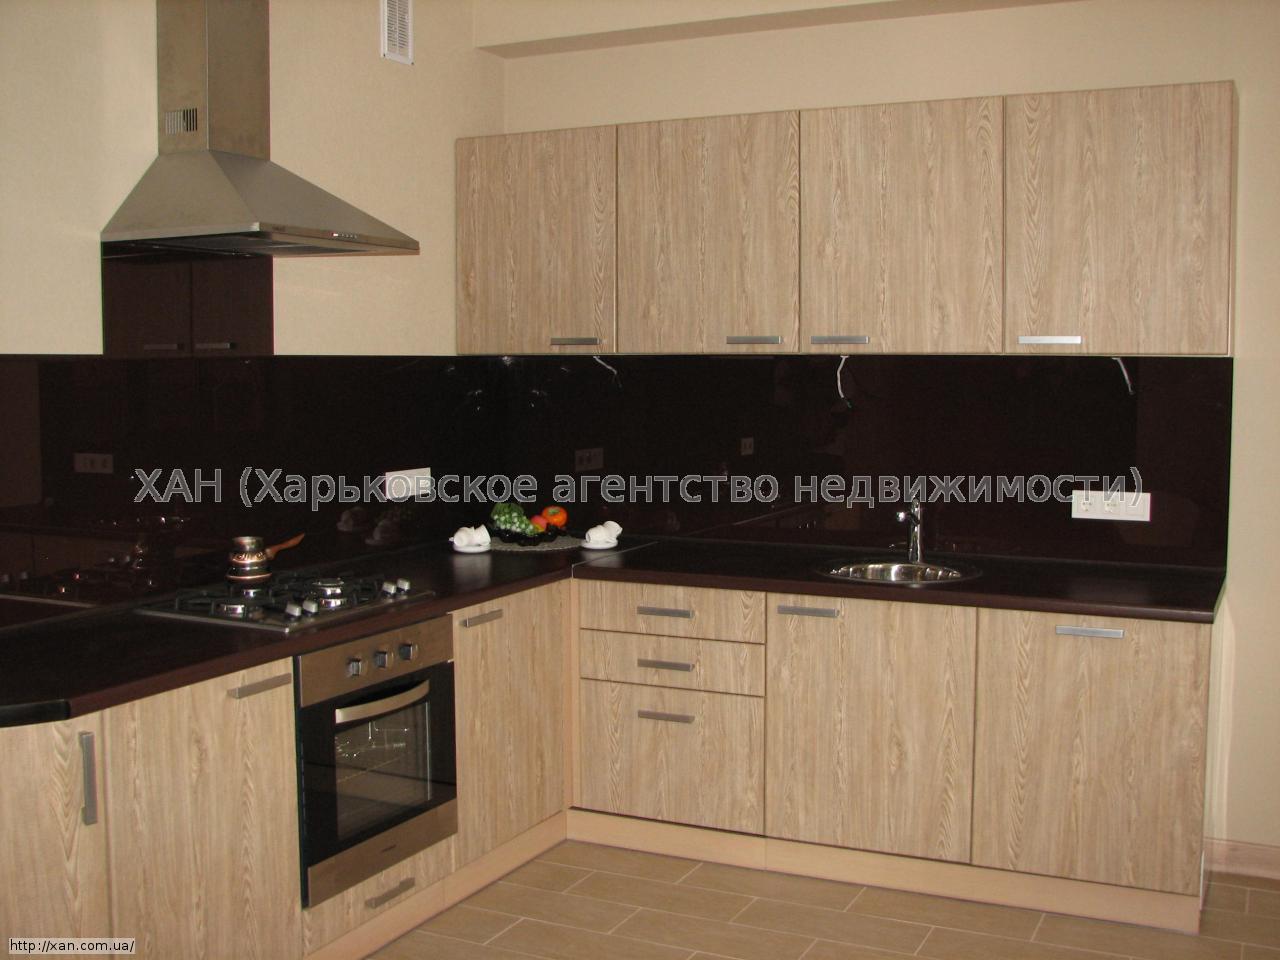 Продам дом Харьков 5